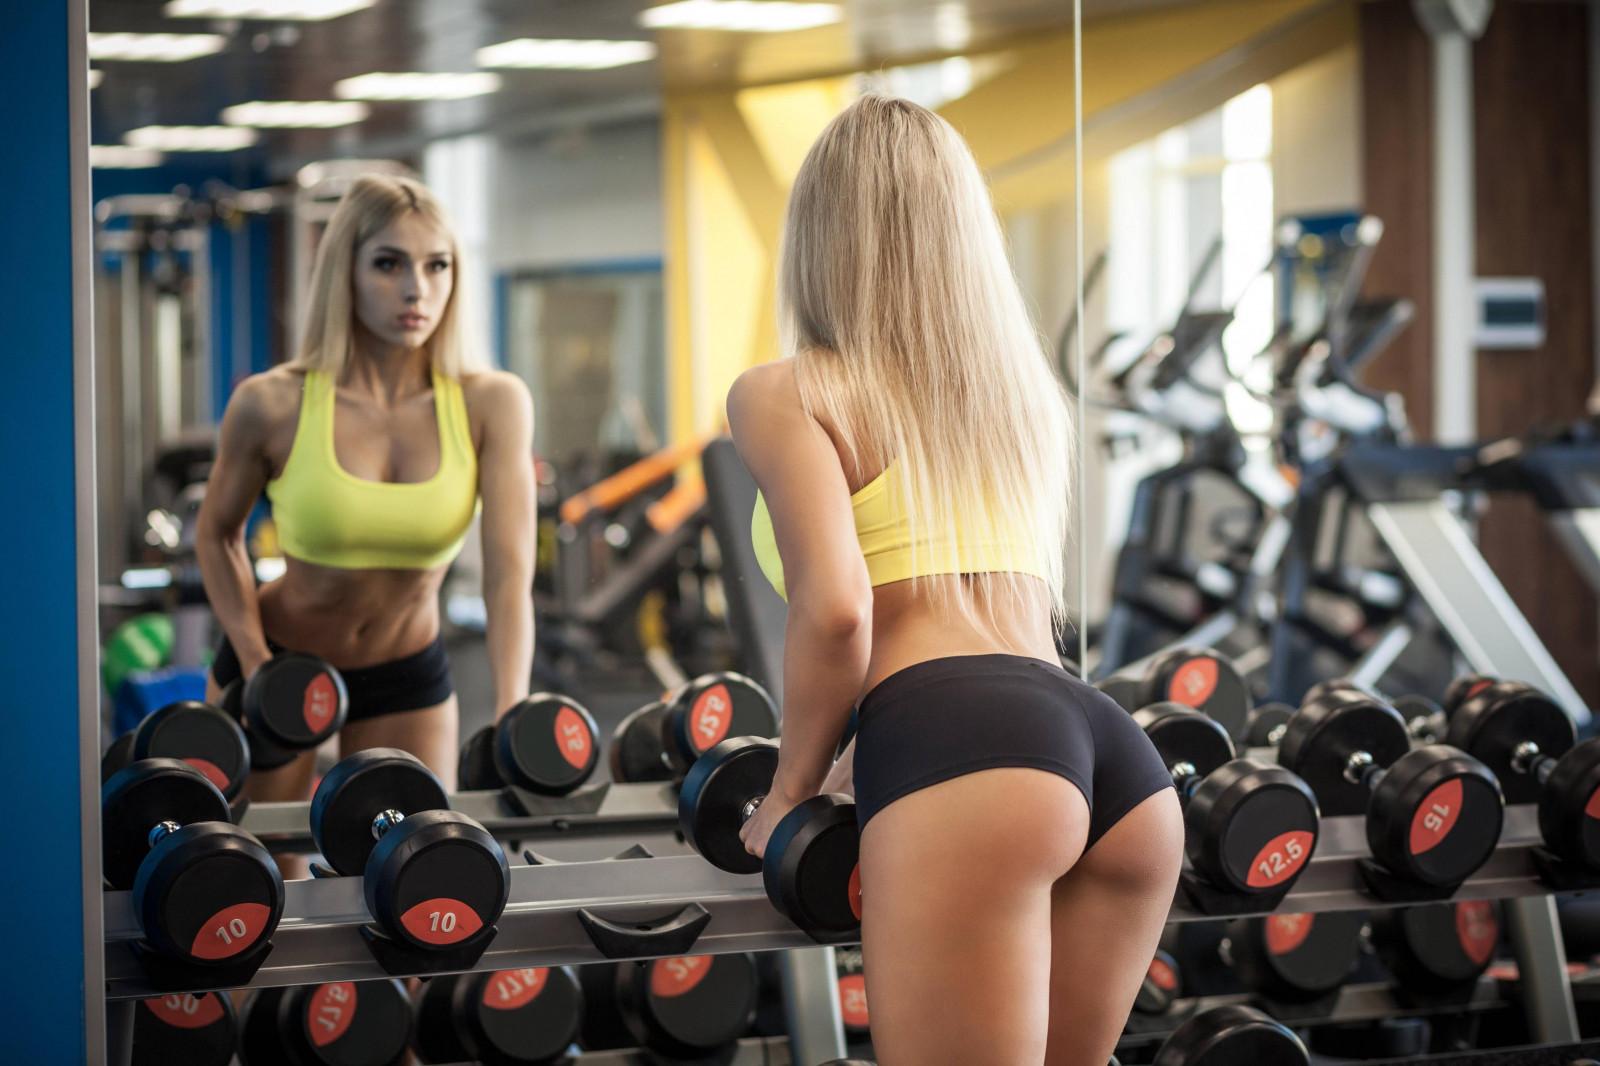 В фитнес клубе фото сексуальных девушек длинным членом порно